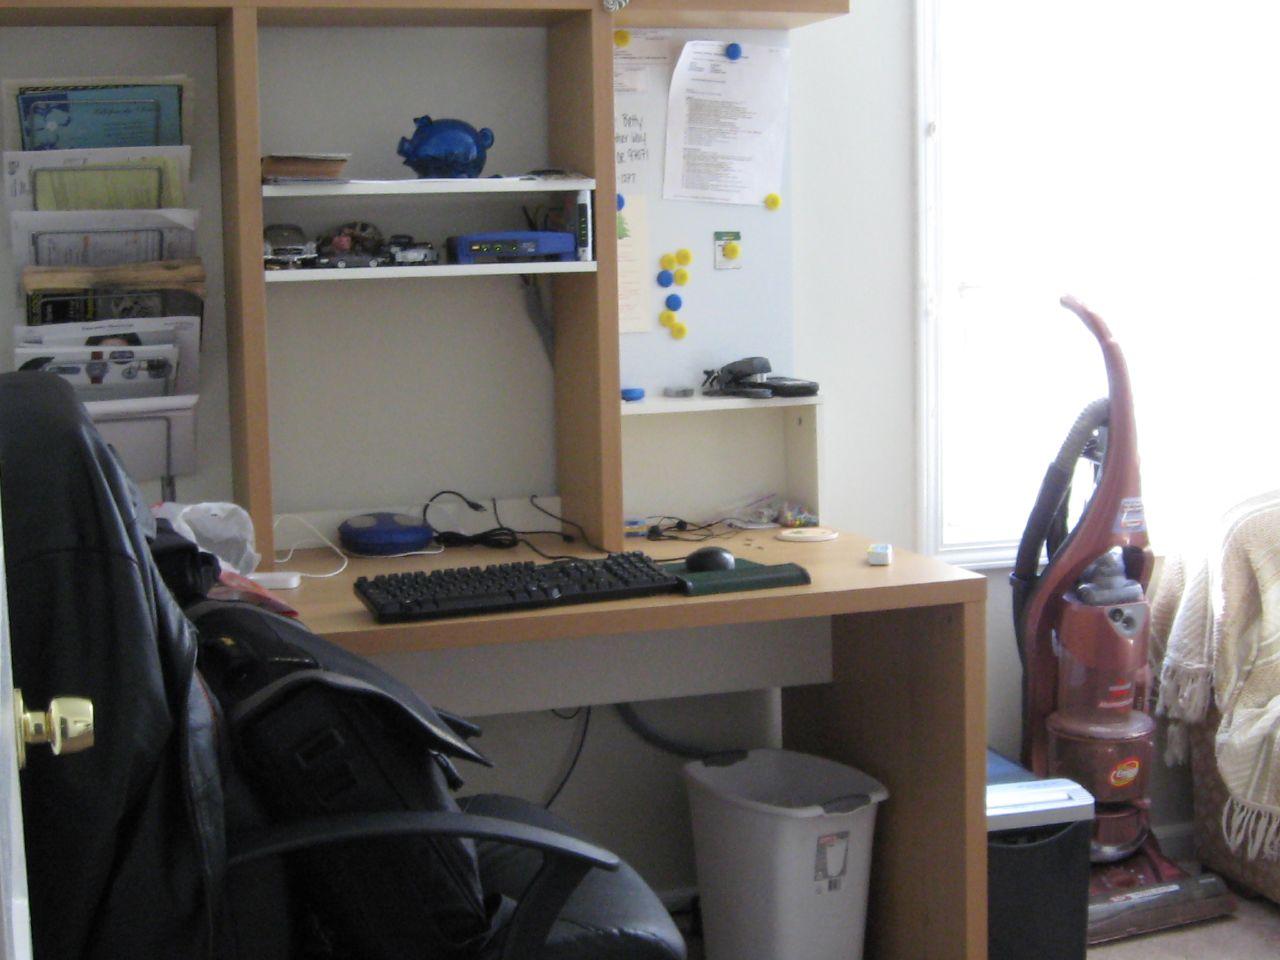 Joshua's Desk